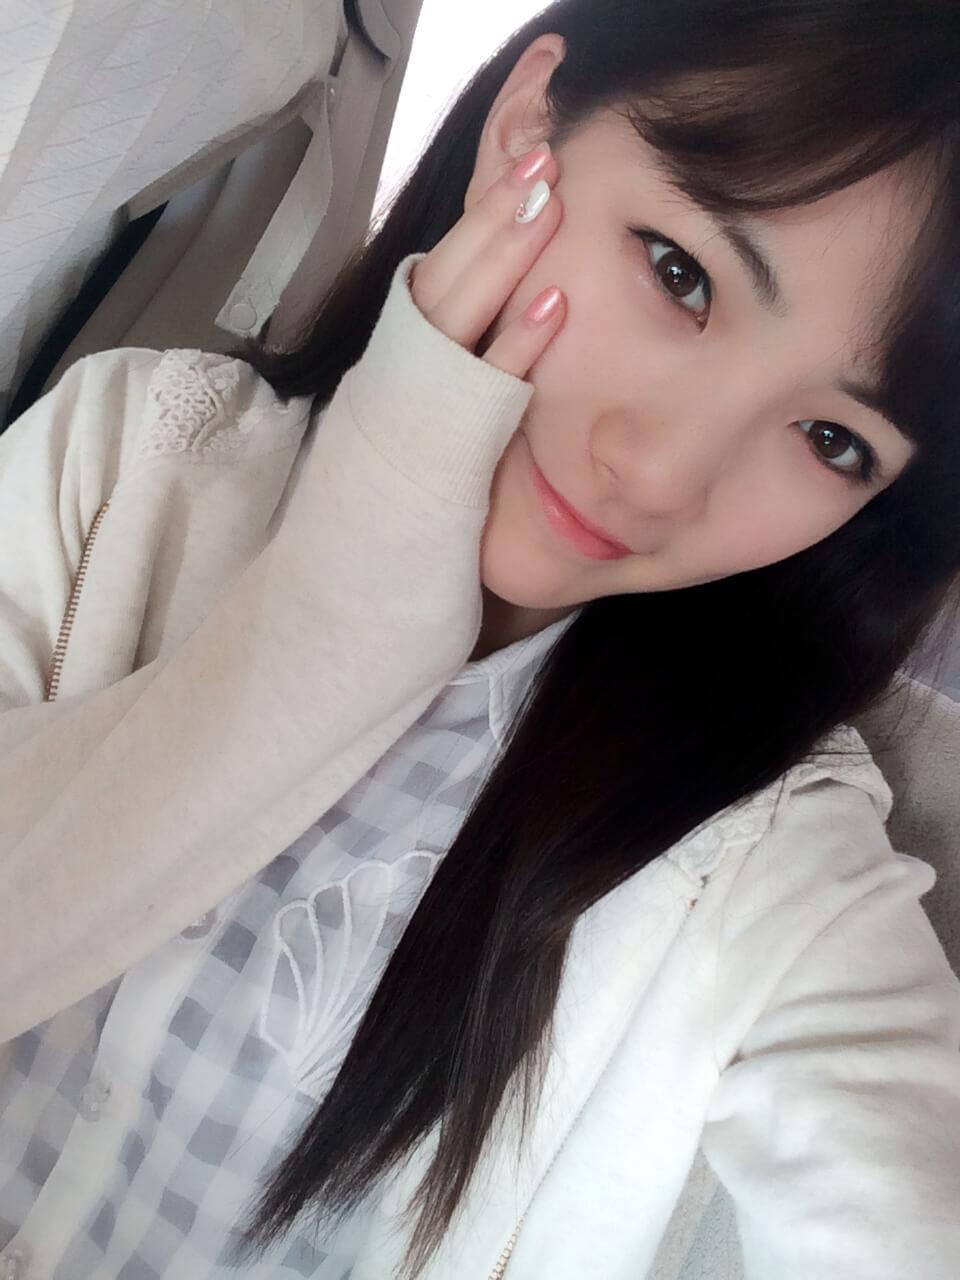 岡田奈々 (AKB48)の画像 p1_35